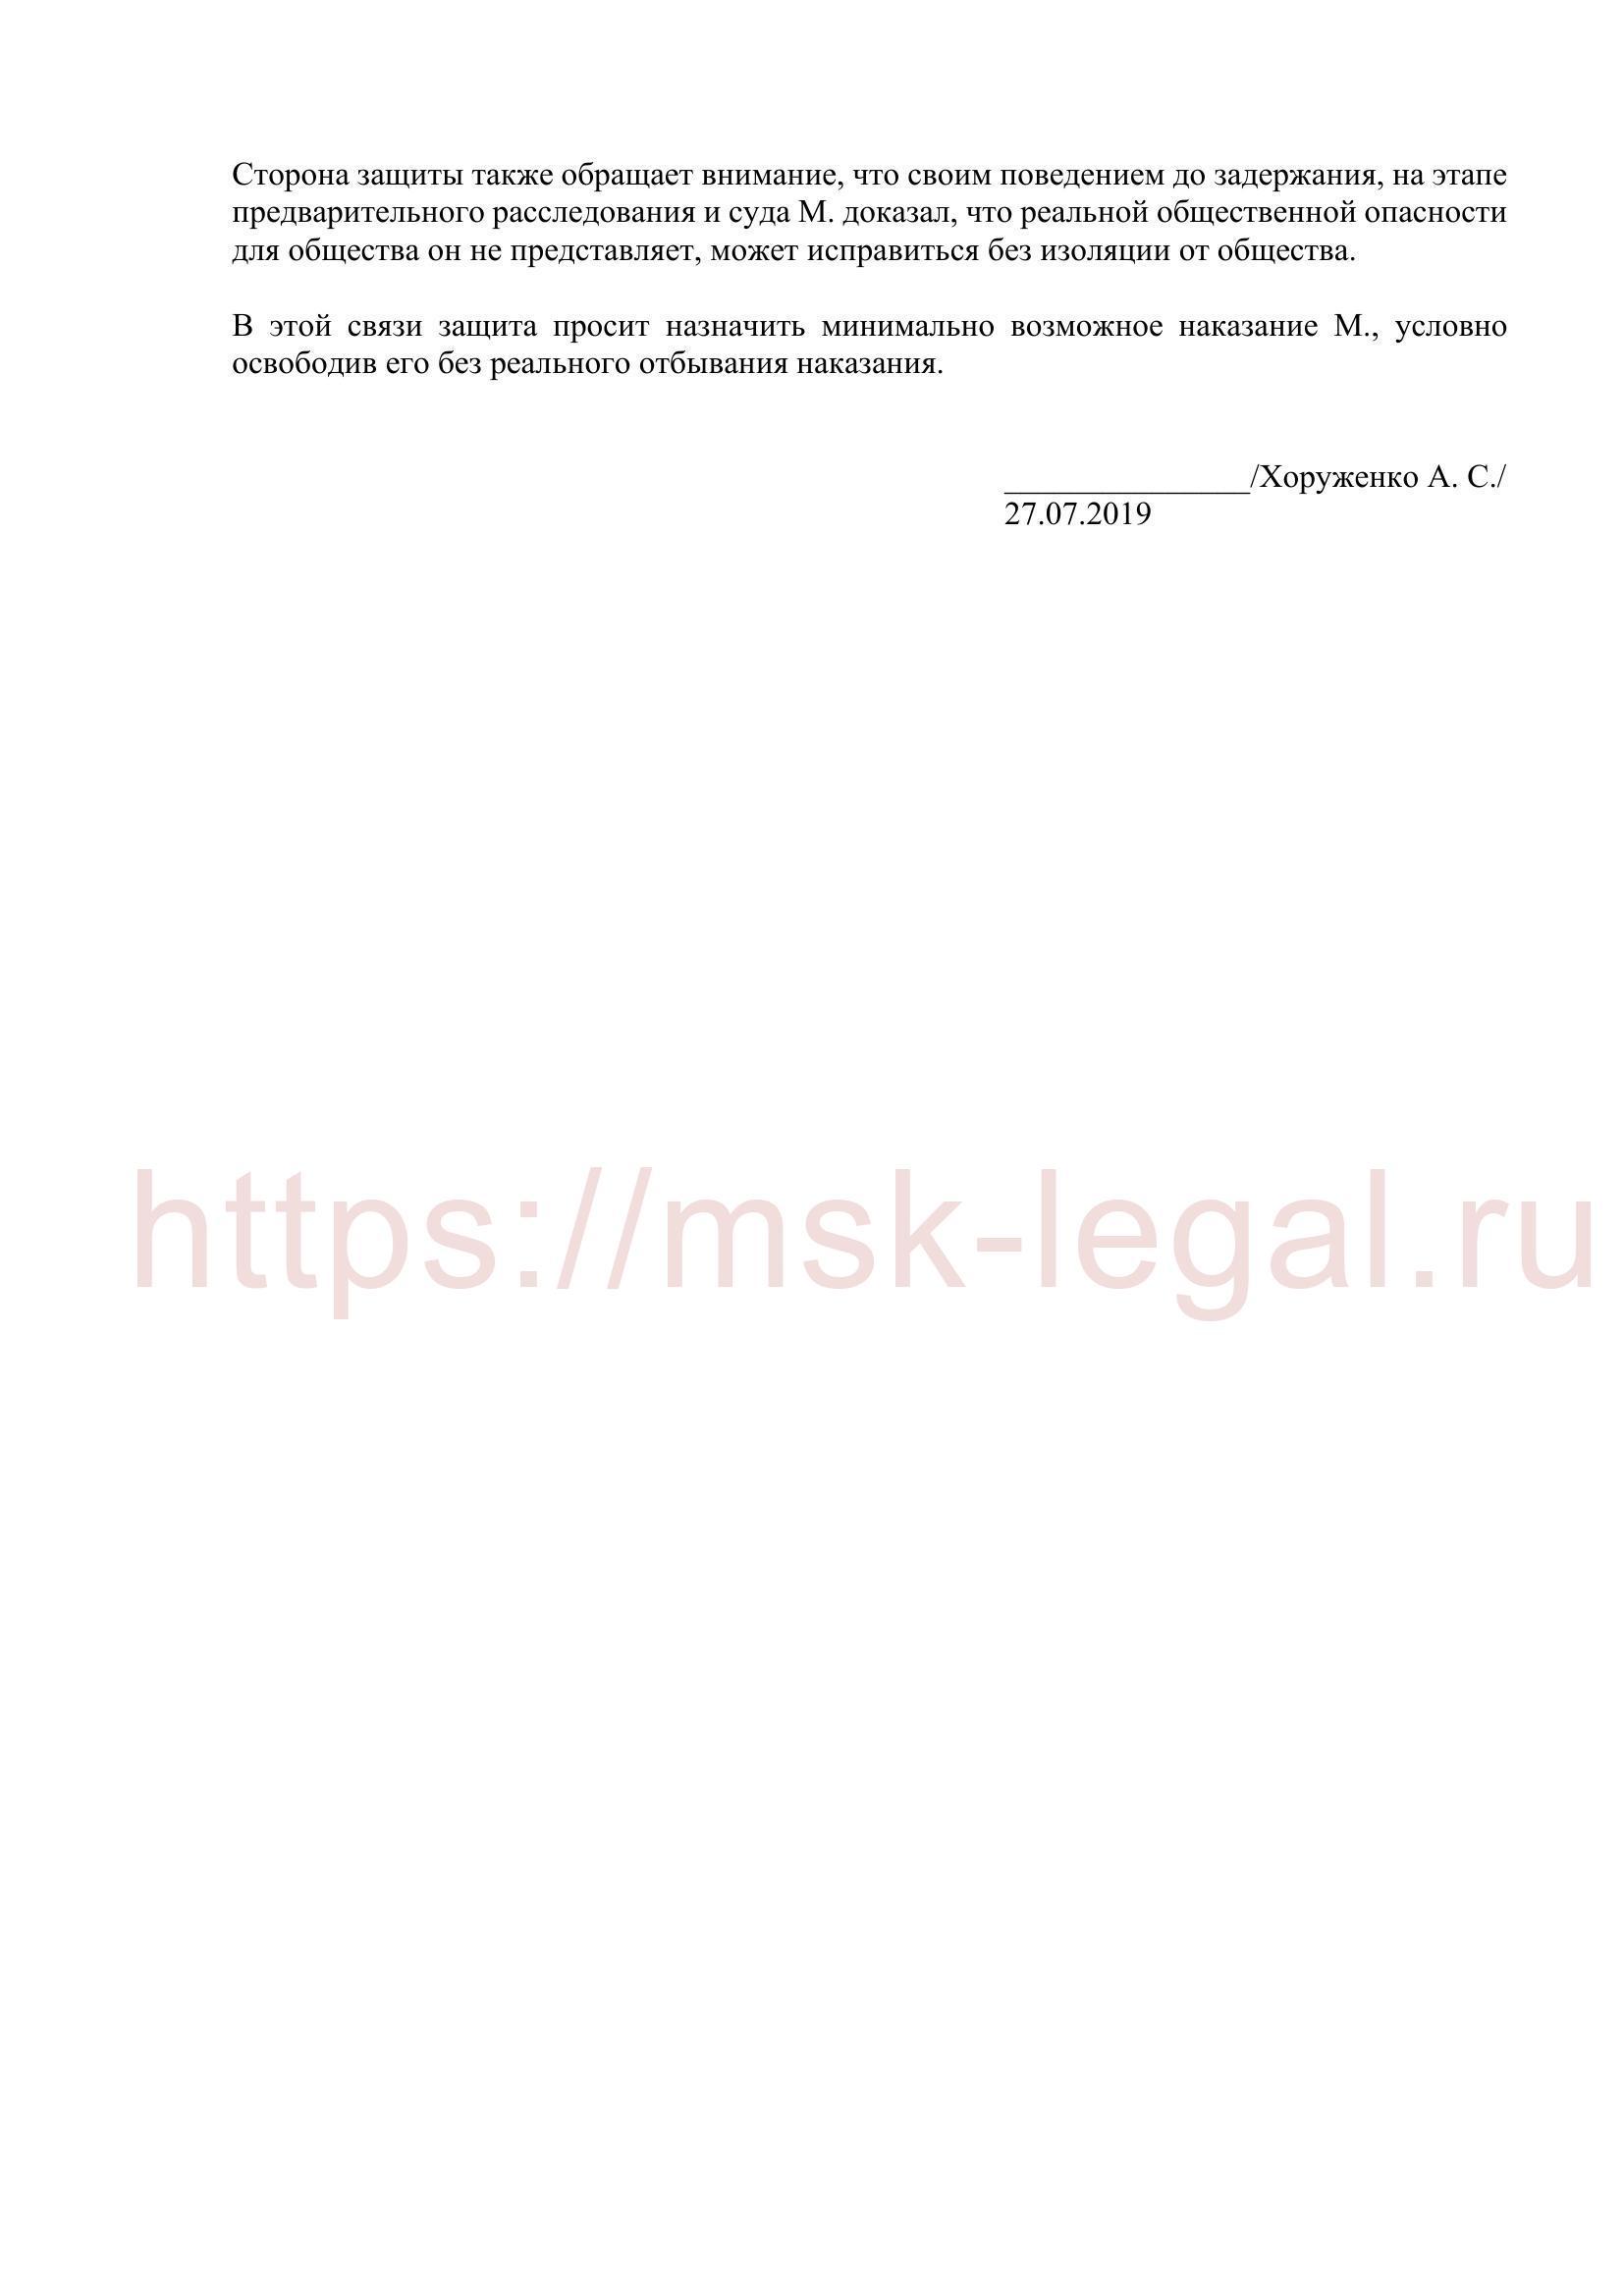 Пример прений при особом порядке по ст. 159 УК РФ